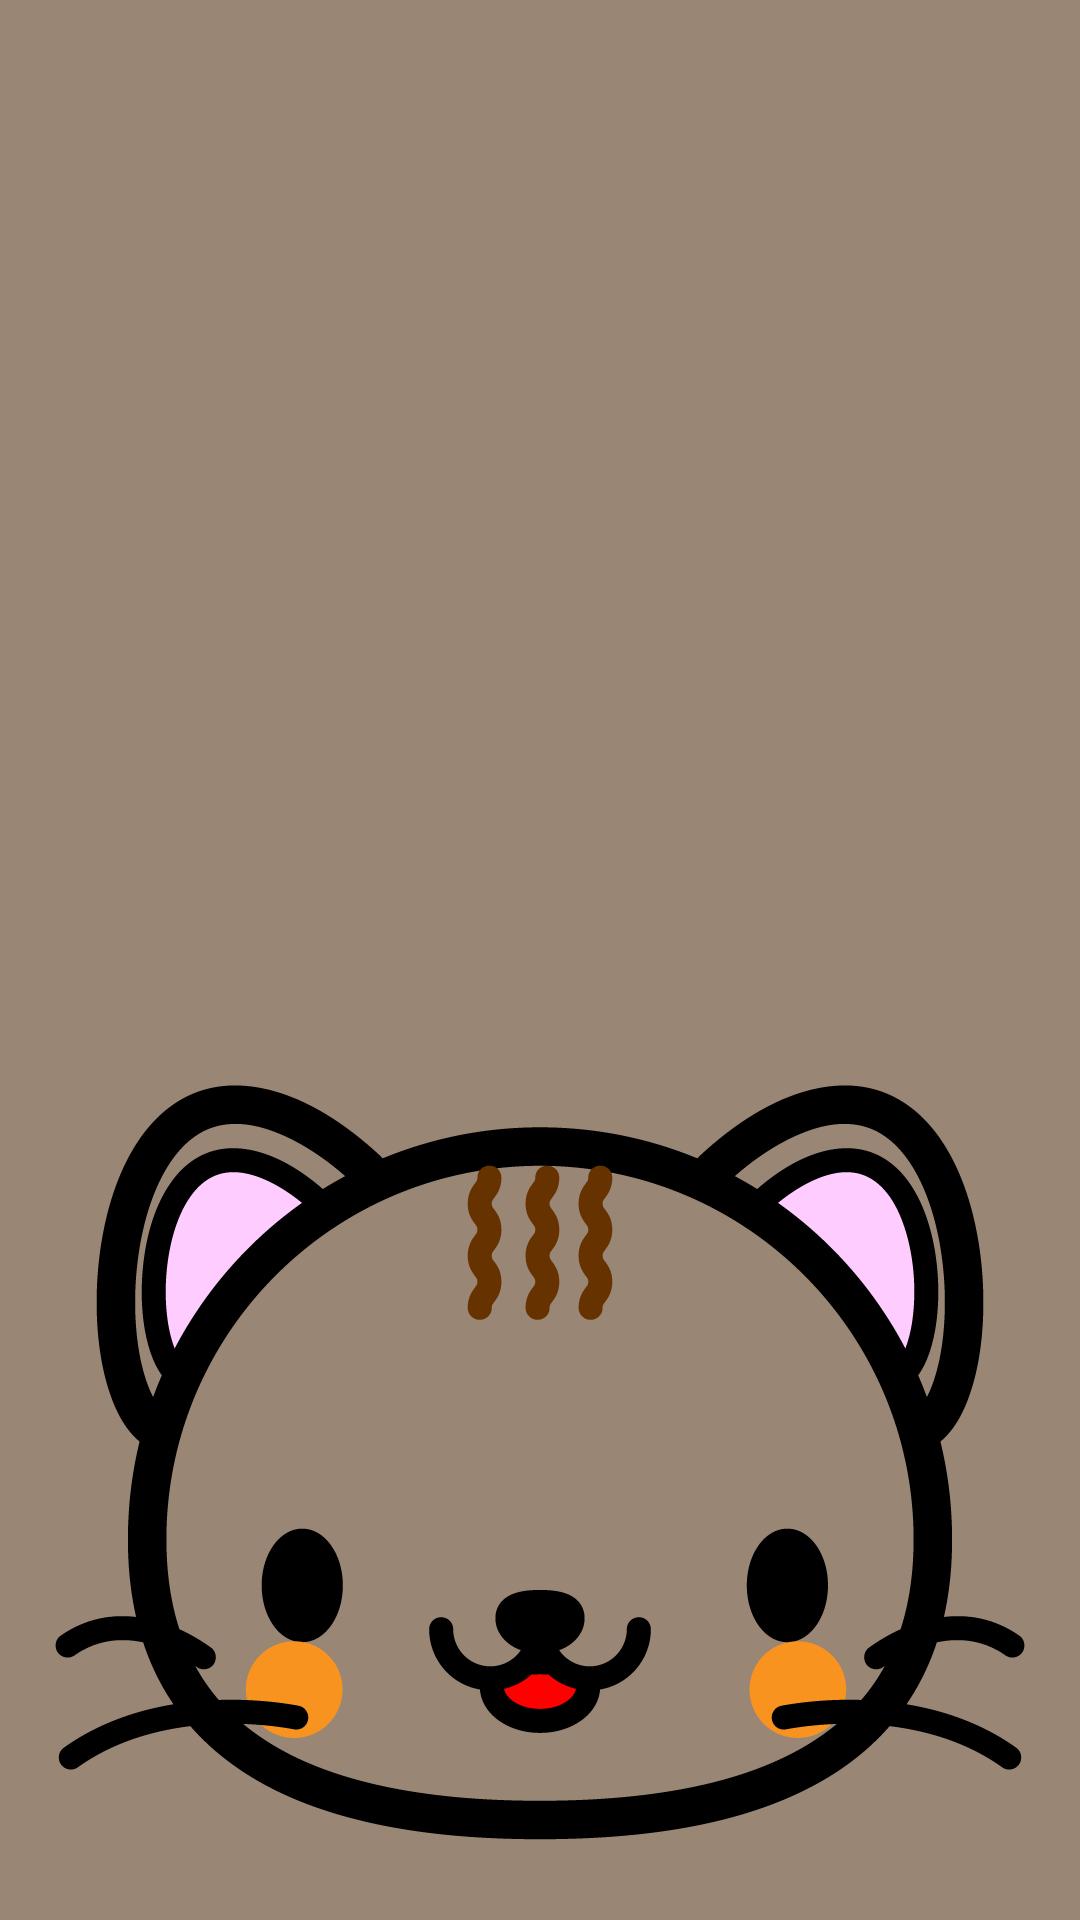 かわいい顔だけ猫壁紙(iPhone)の無料イラスト・商用フリー